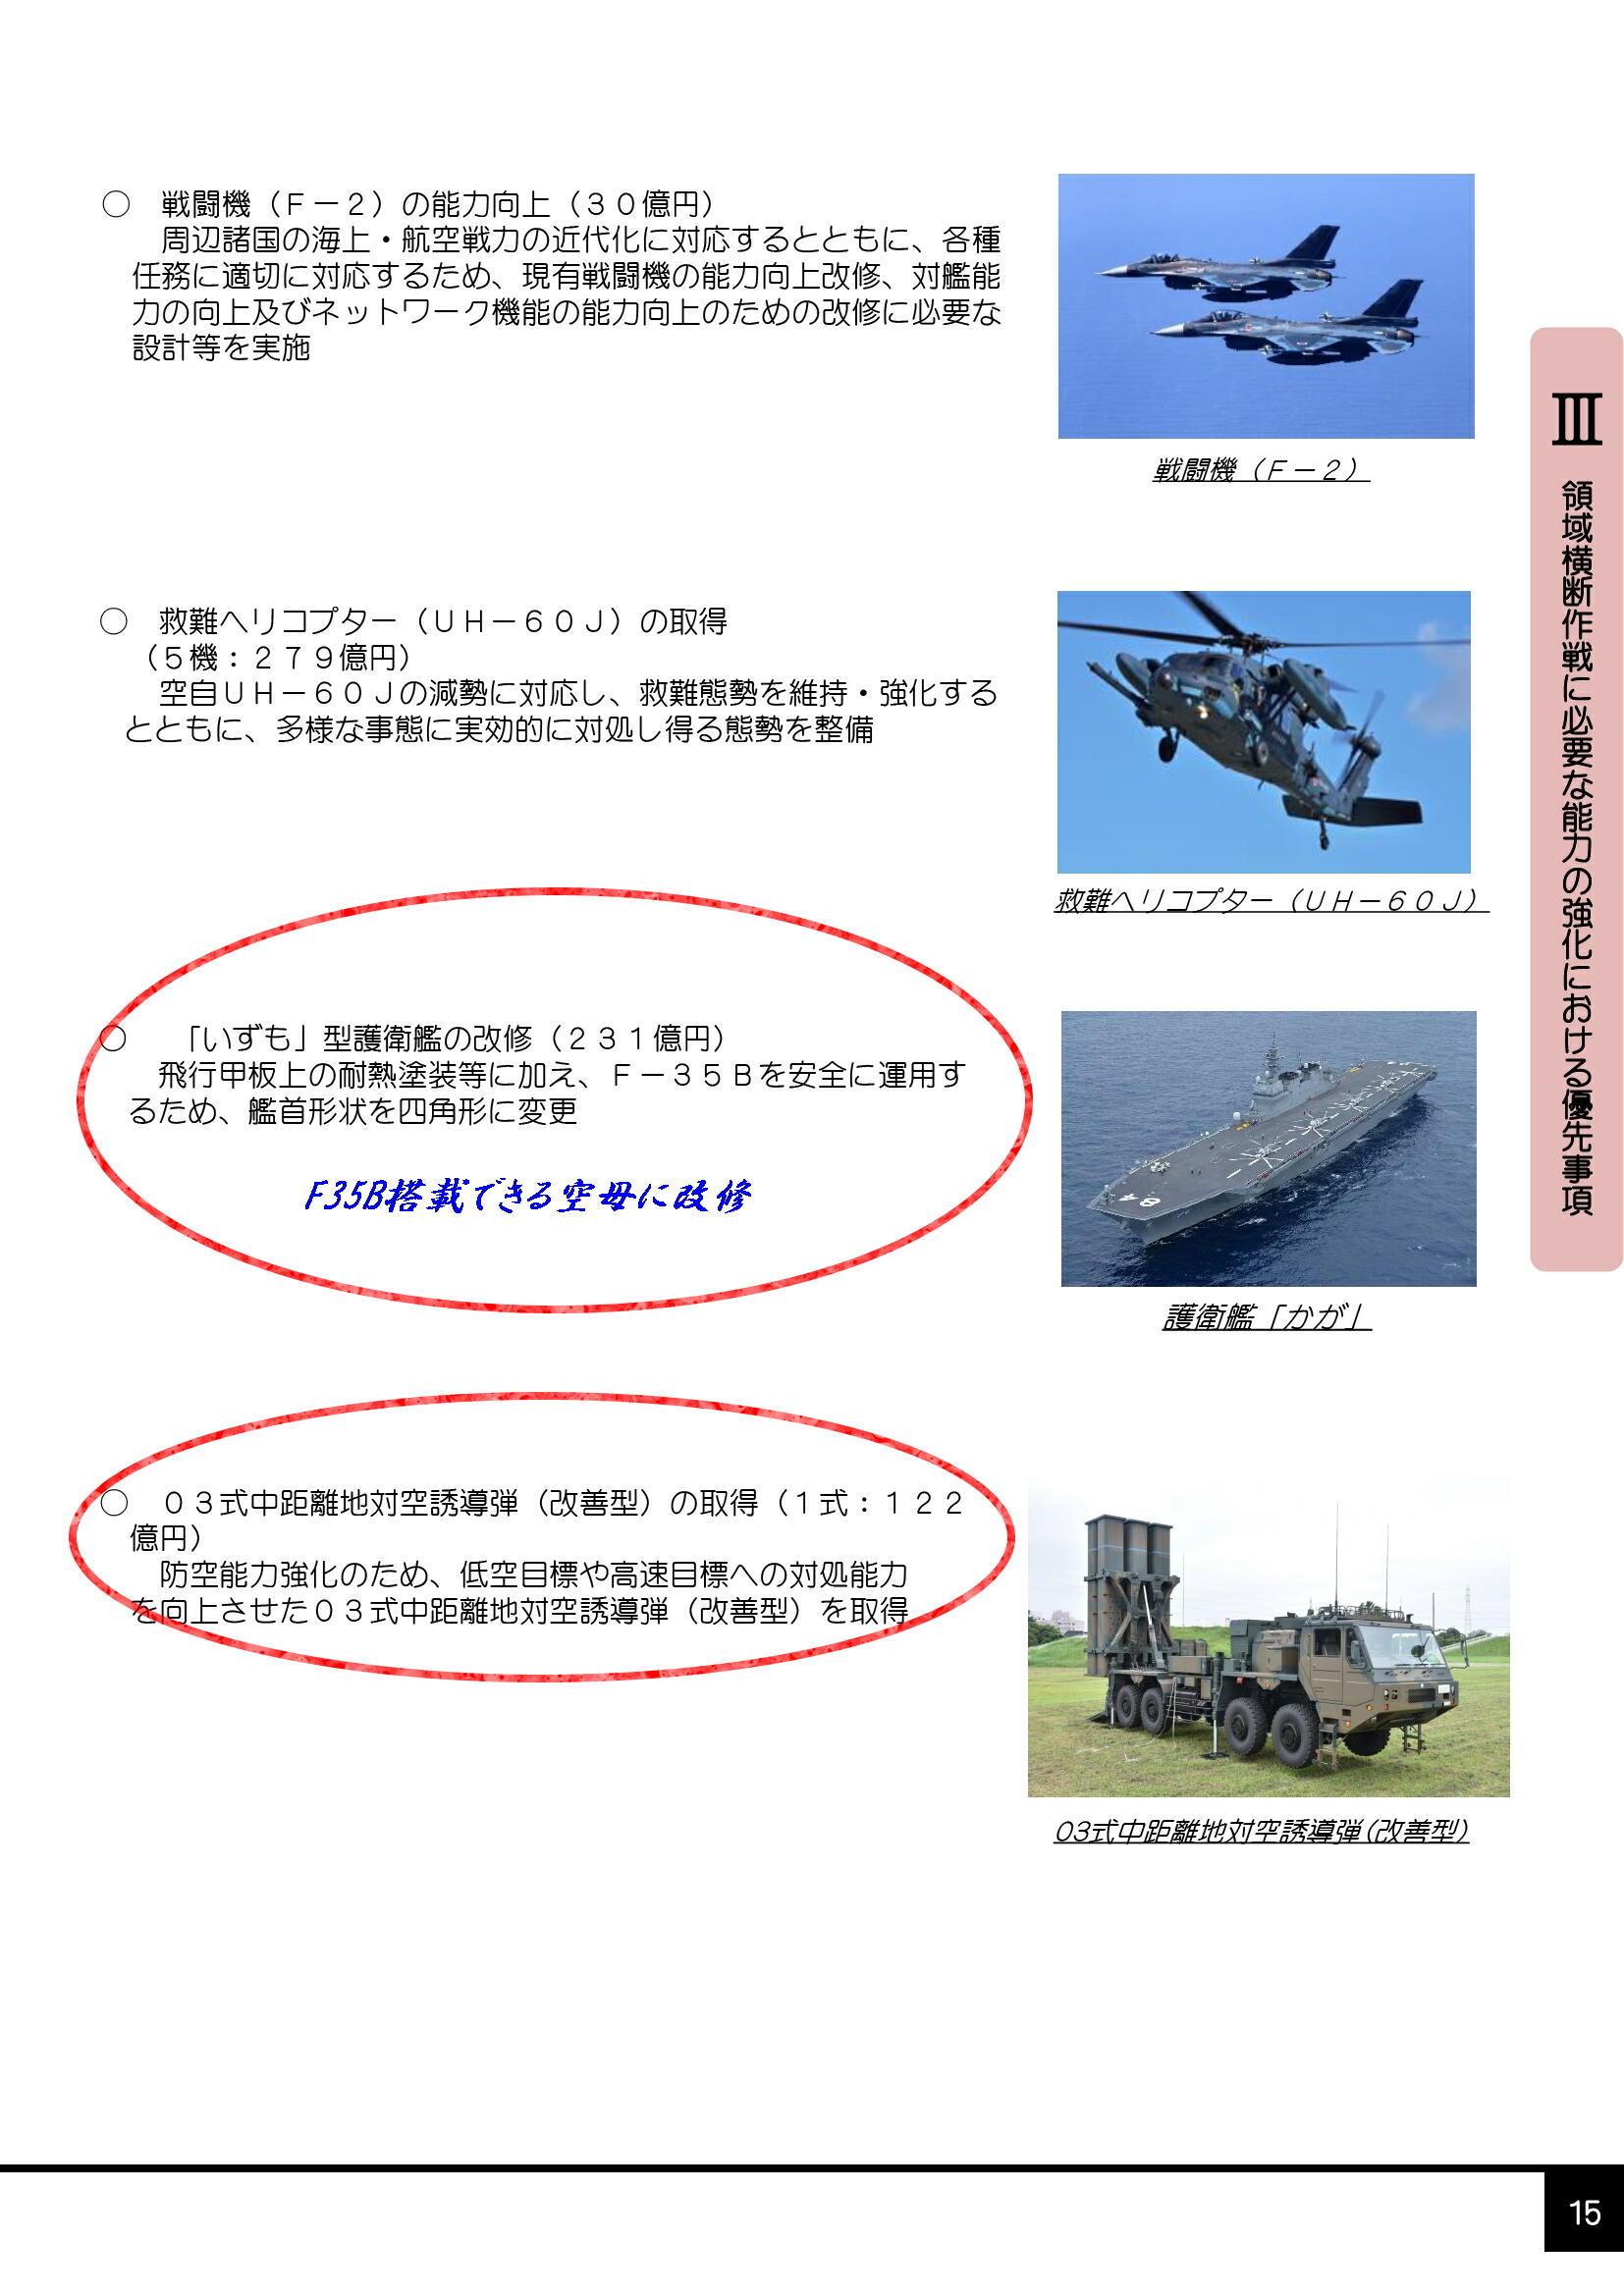 2021年度防衛省概算要求の概要0019